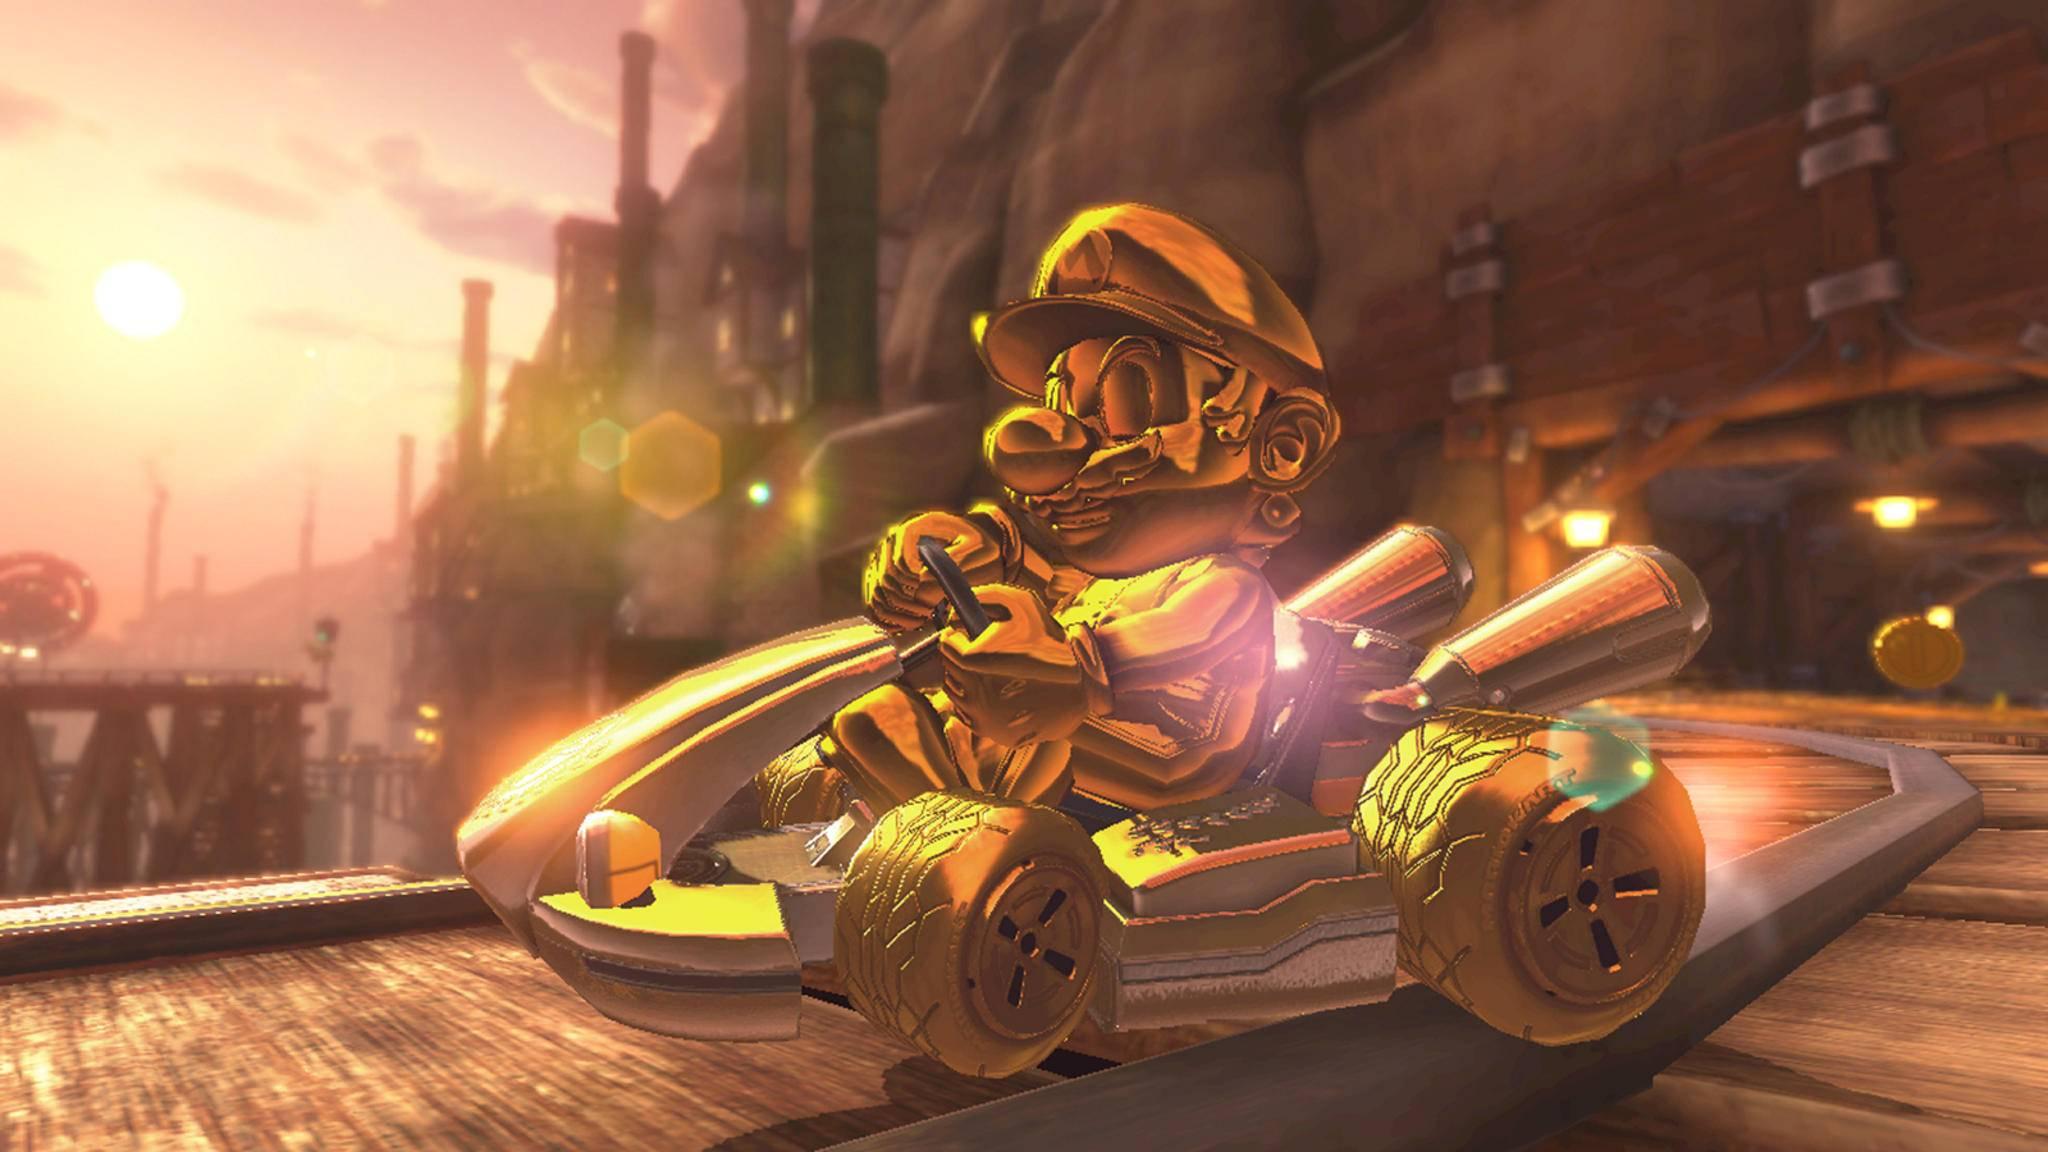 """Damit Dein Kart in """"Mario Kart 8 Deluxe"""" so schillernd aussieht, musst Du einiges an Spielzeit investieren."""